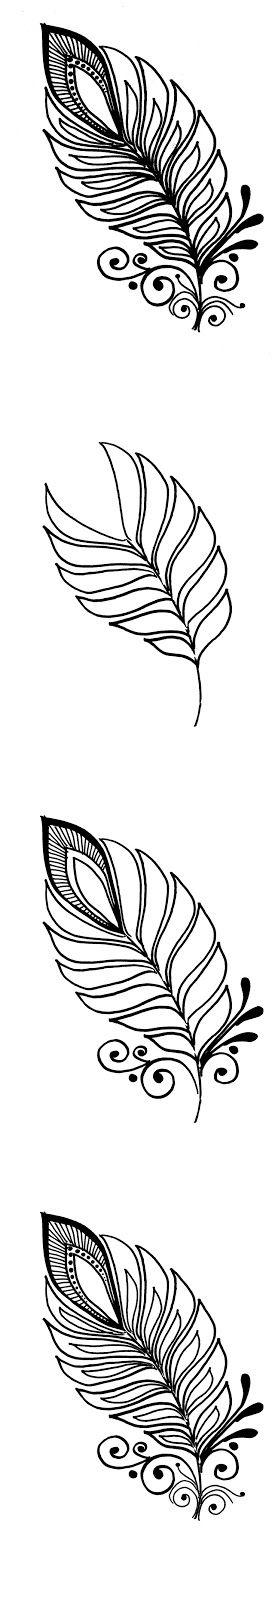 HennaArt.ca: progressive drawing